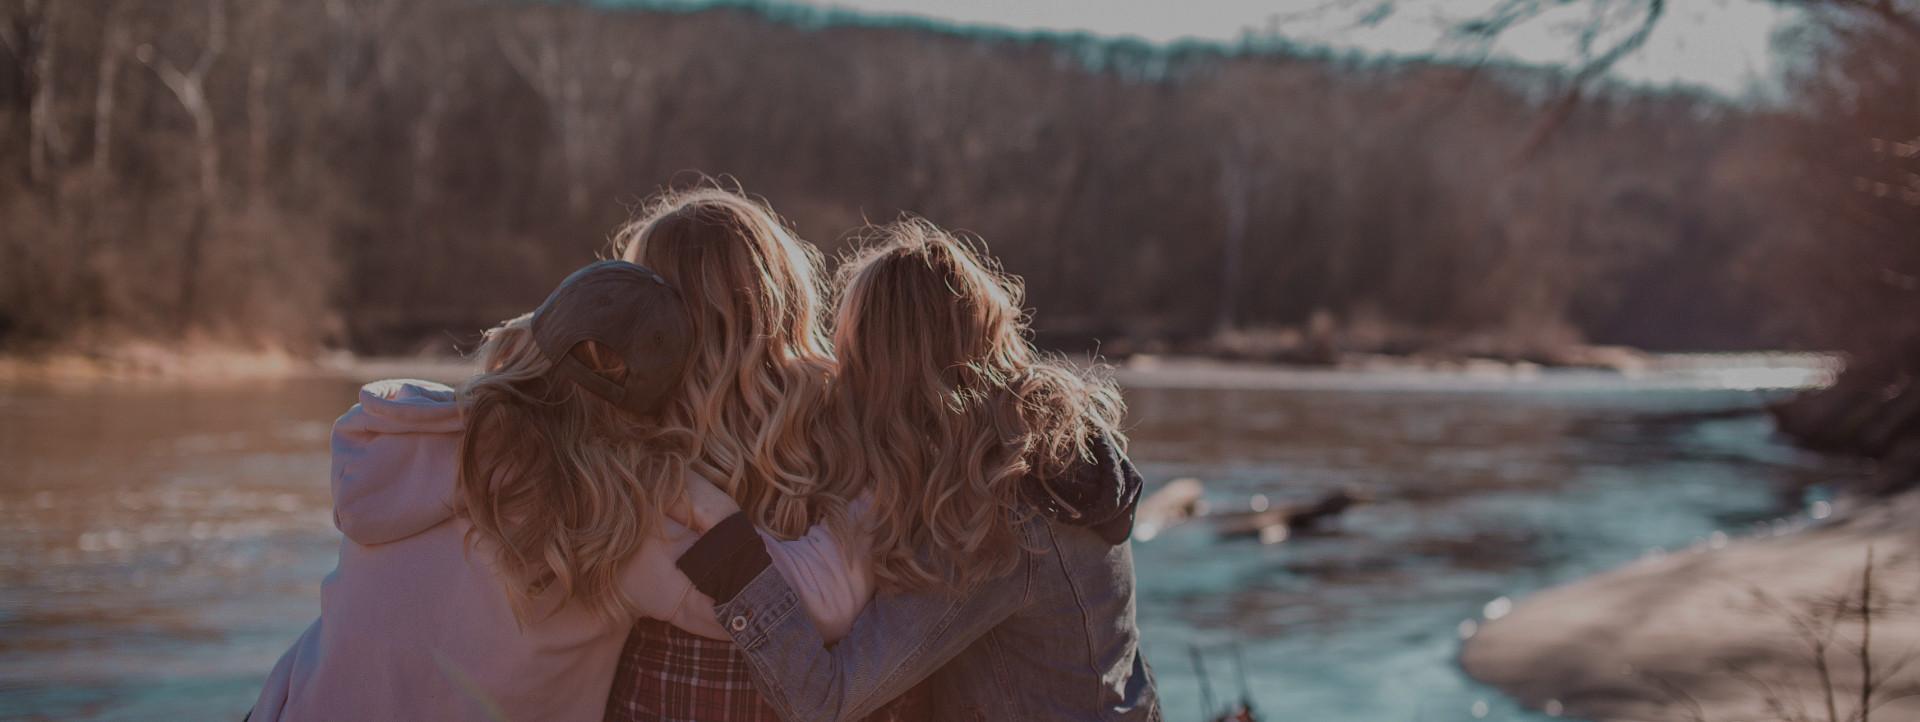 Kolme tyttöä kaulailee katsoen joelle päin.